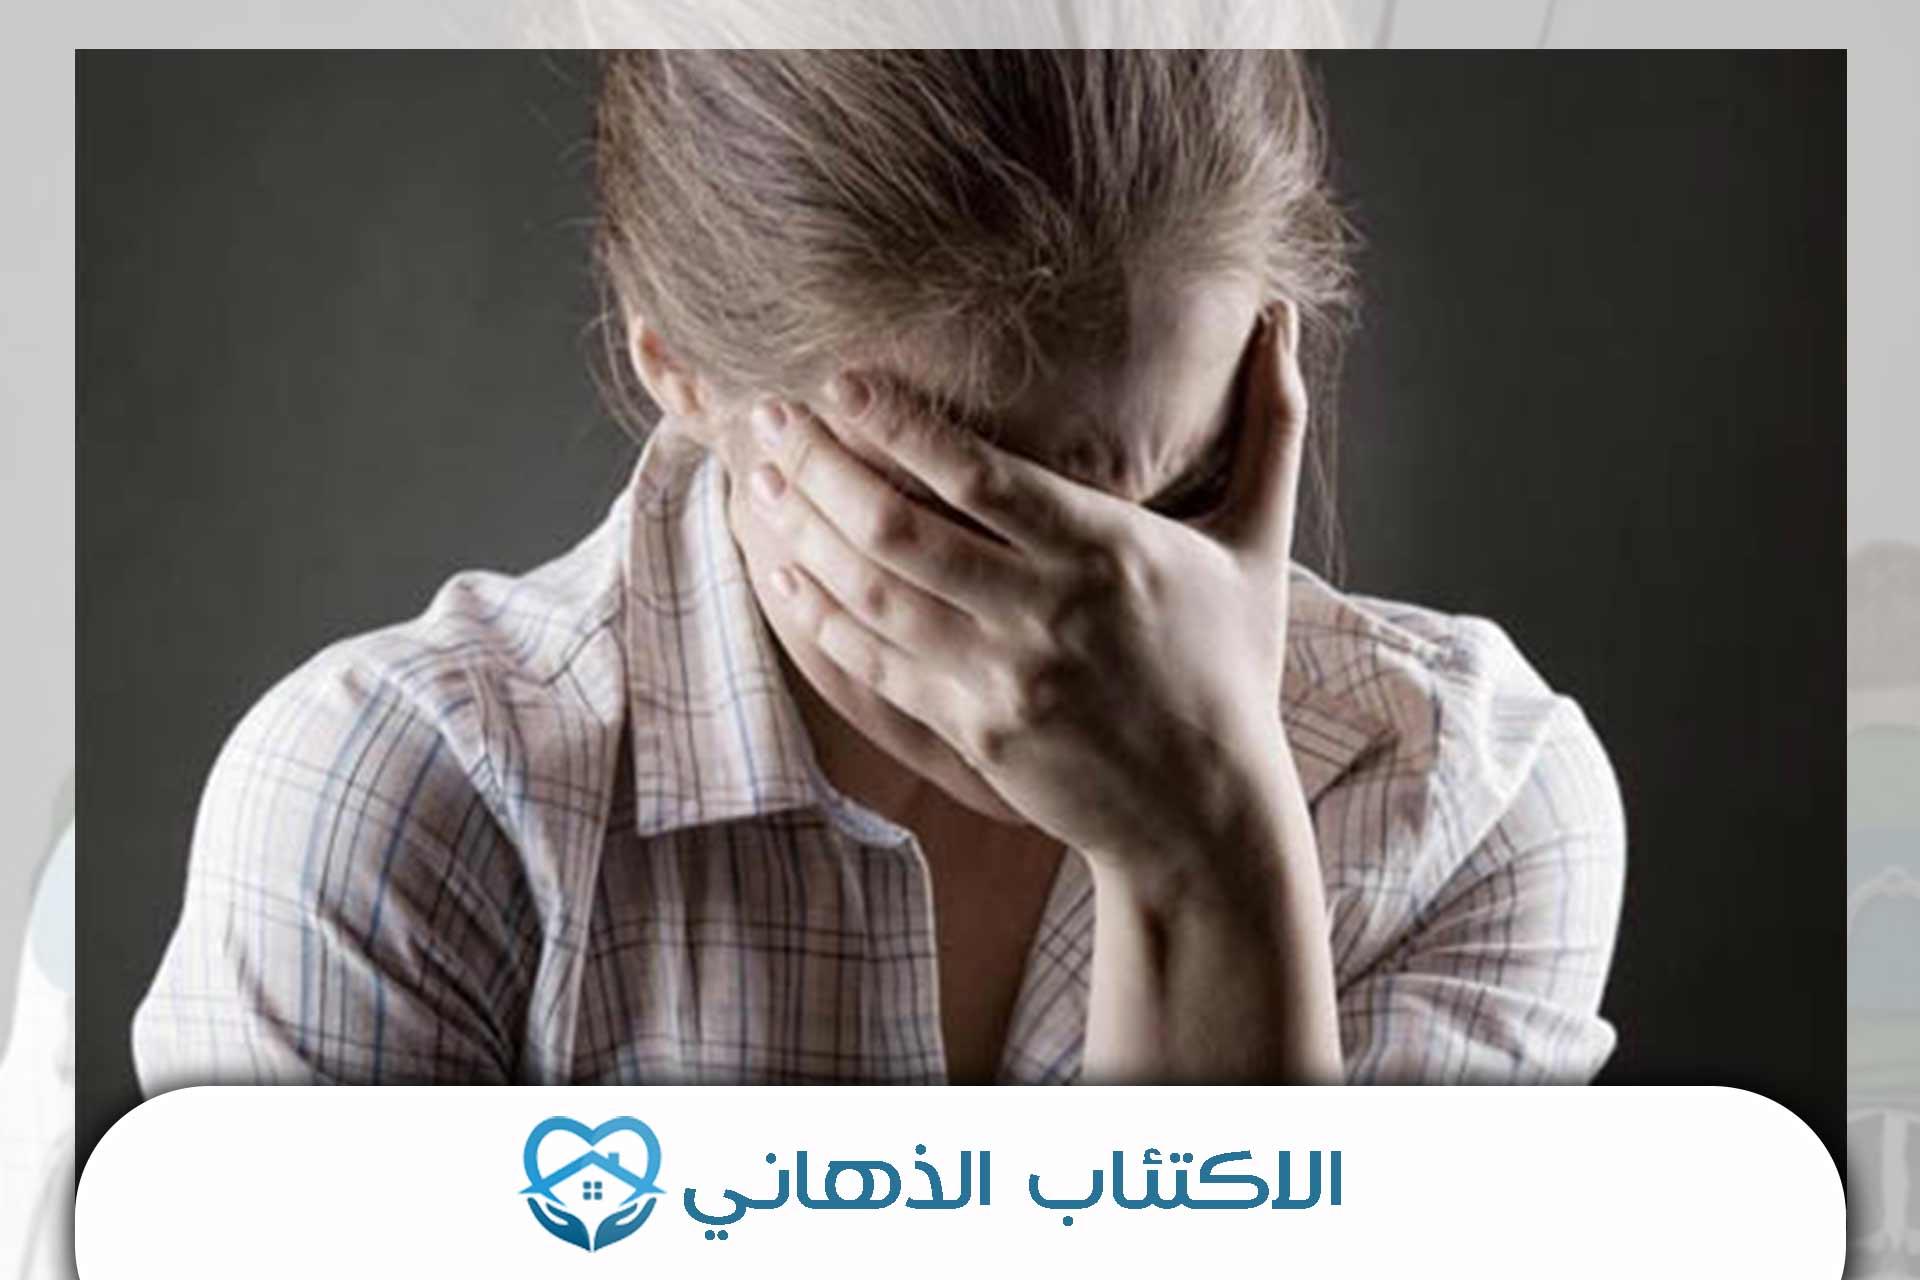 الاكتئاب الذهاني